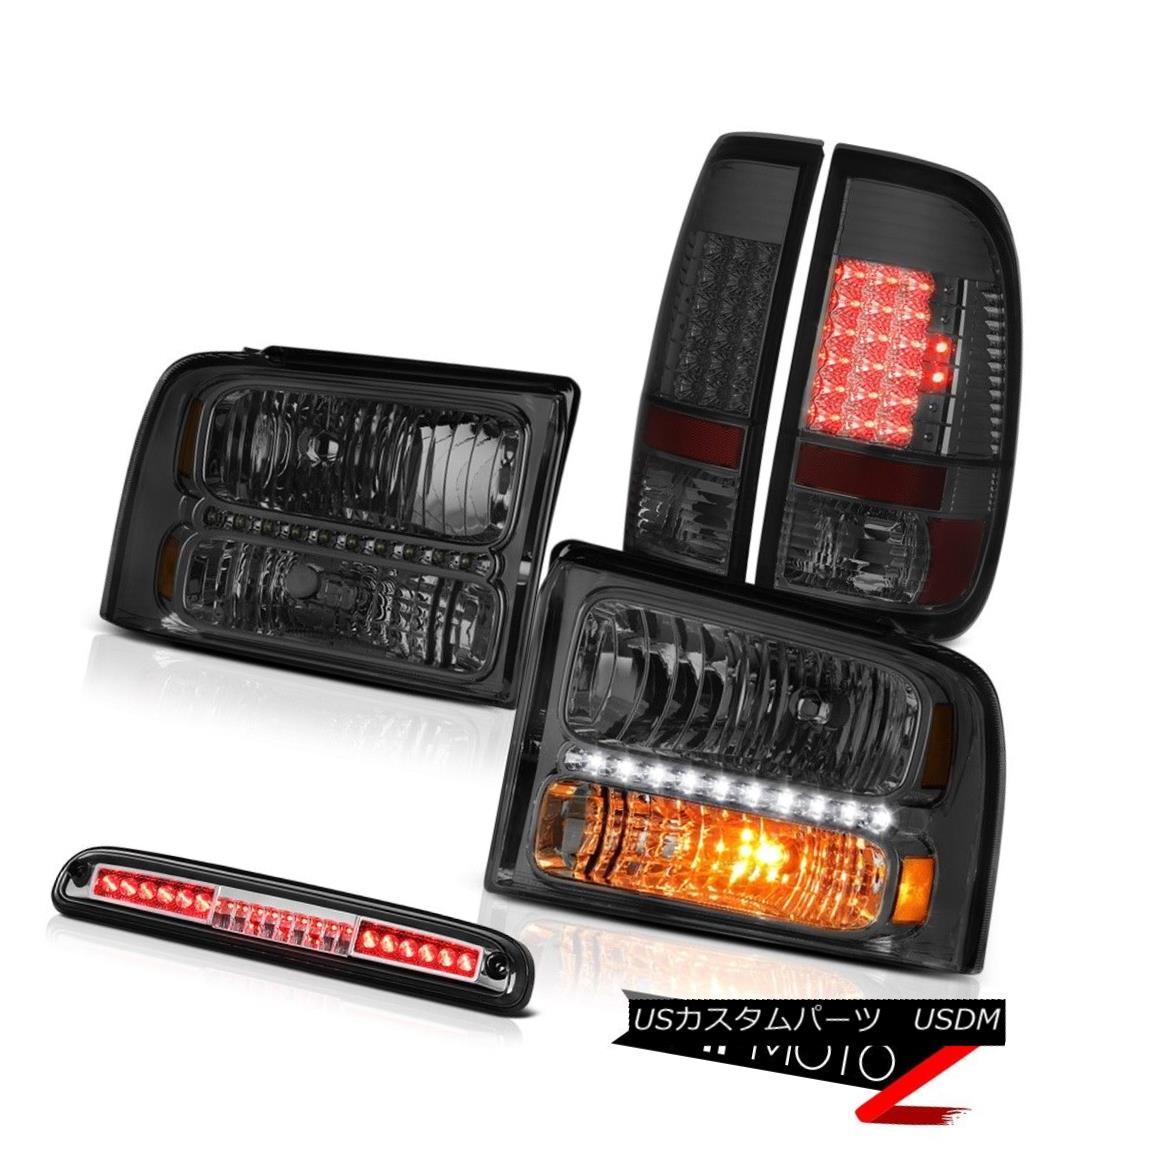 テールライト 05 06 07 Ford F350 SD PAIR Smoke Headlights Smoked LED Taillamp High Stop Chrome 05 06 07 Ford F350 SD PAIRスモークヘッドライトSmoked LED Taillampハイストップクローム